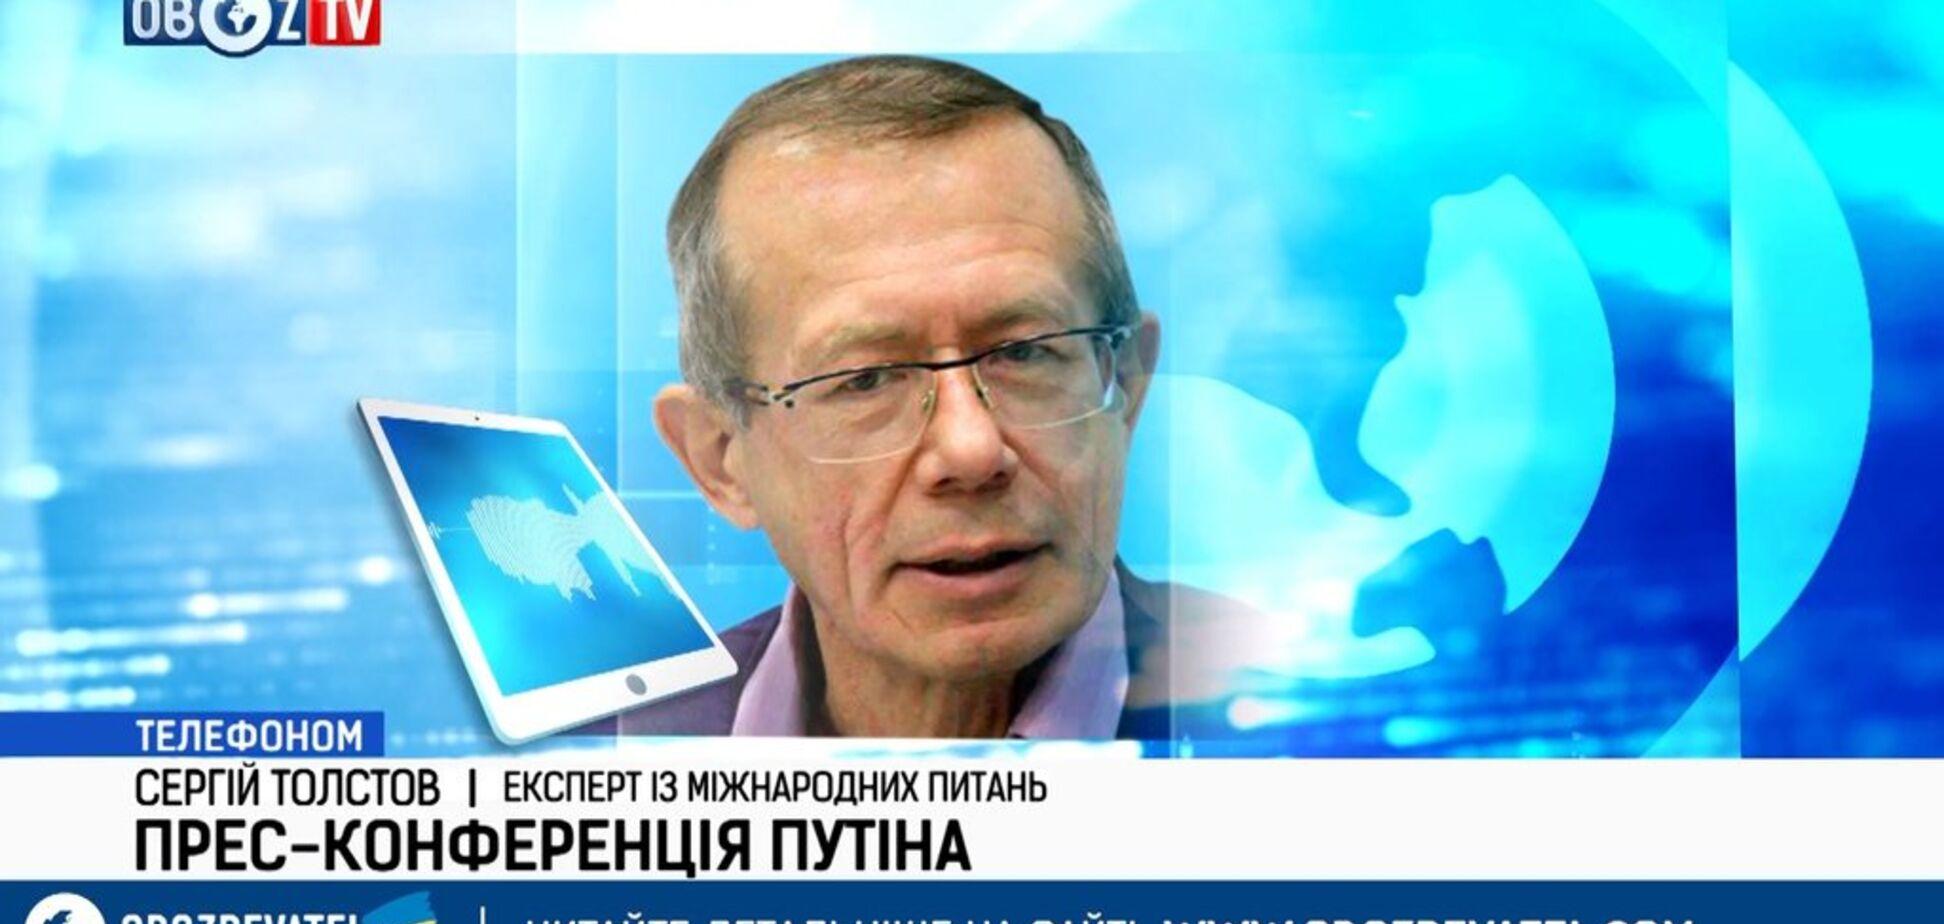 США, экономика и выборы в Украине: эксперт дал прогноз основных тем пресс-конференции Путина